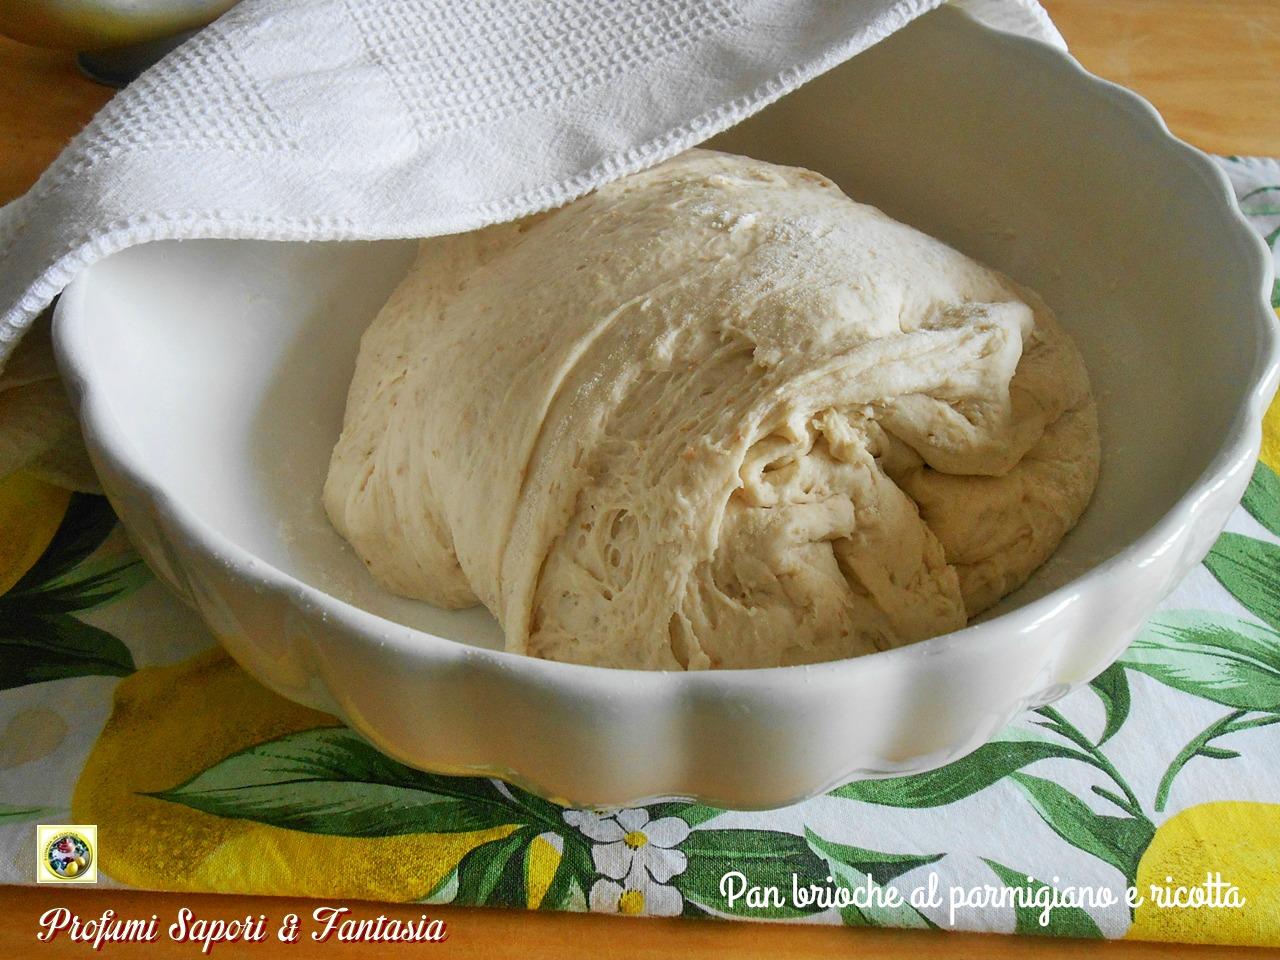 Pan brioche al parmigiano e ricotta